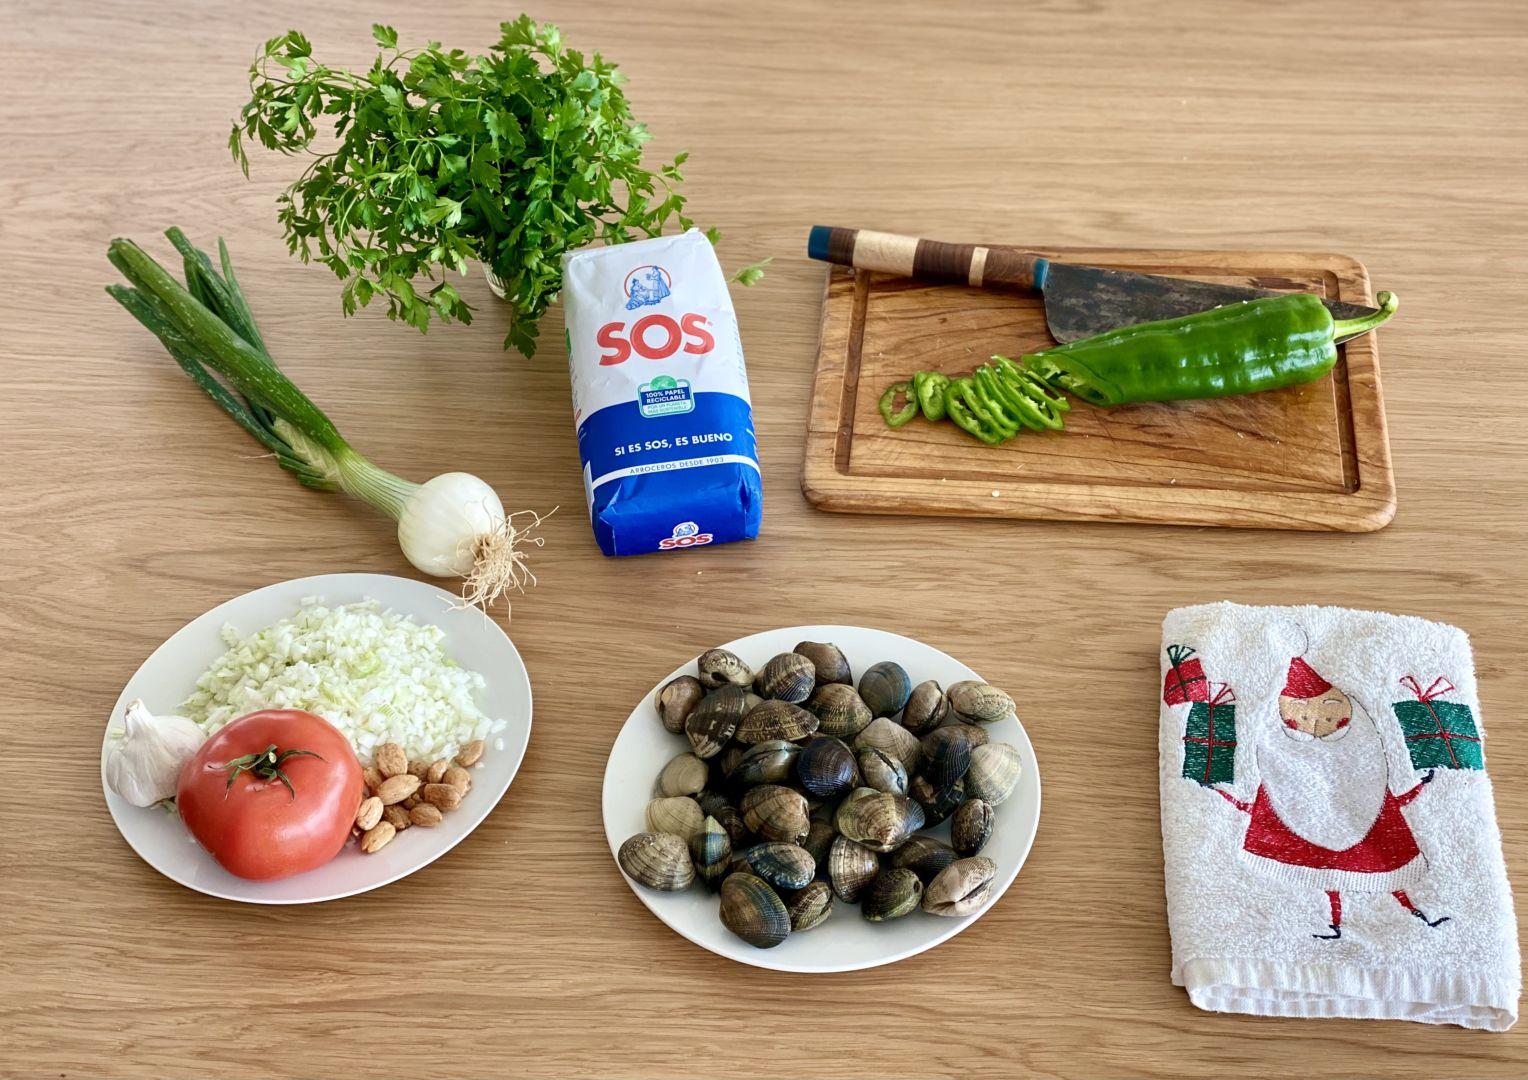 ingredientes-para-preparar-un-arroz-con-almejas-de-aprovechamiento